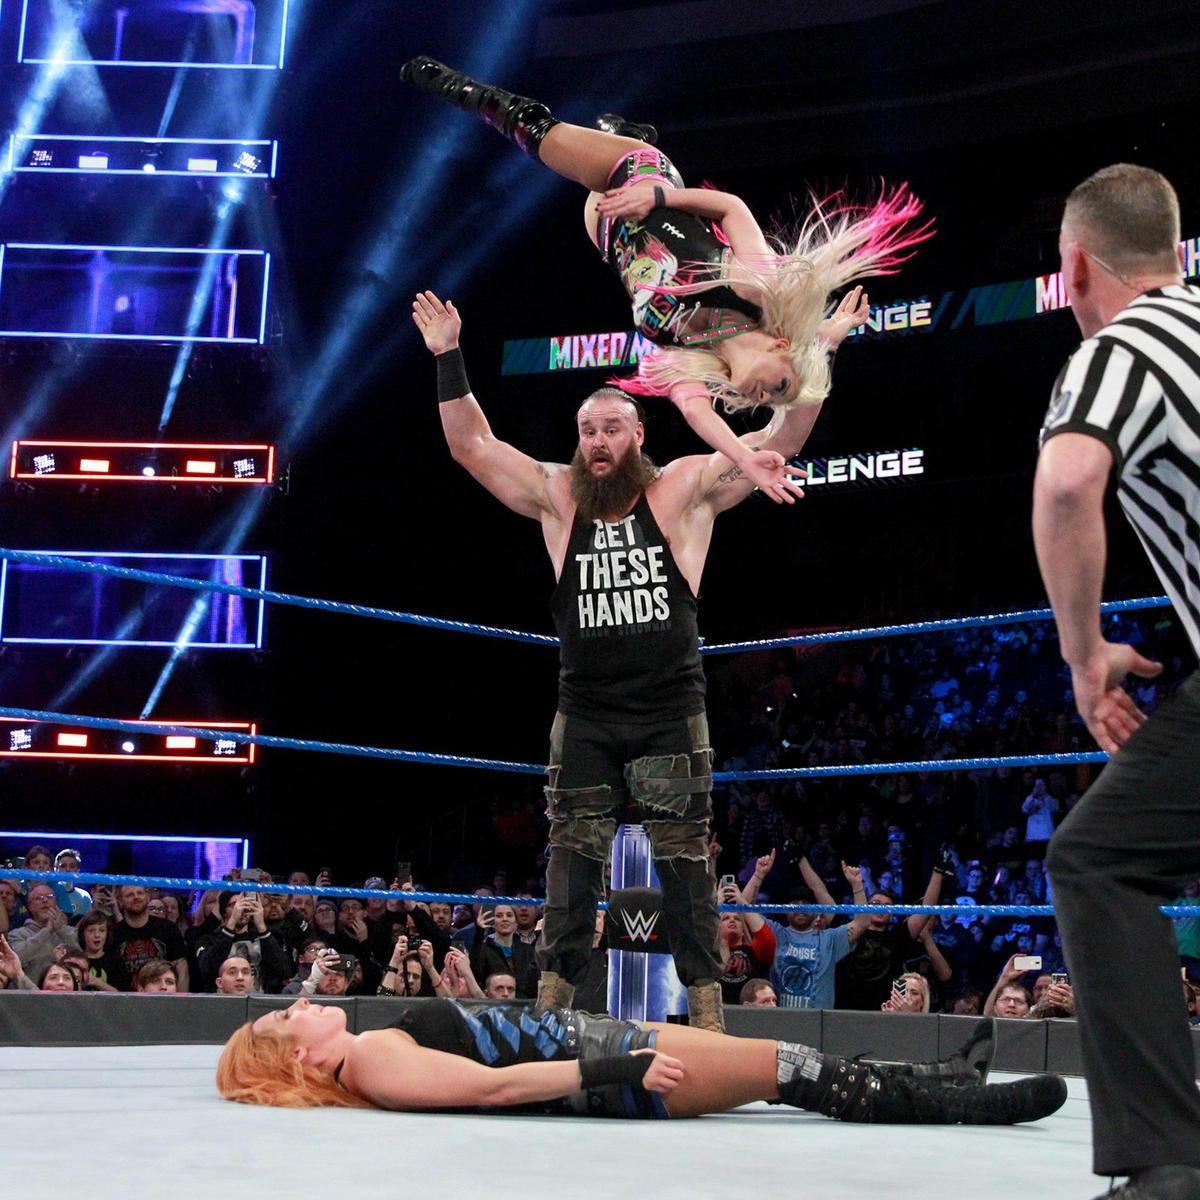 WWE News: Braun Strowman & Alexa Bliss Capture 'Mixed Match